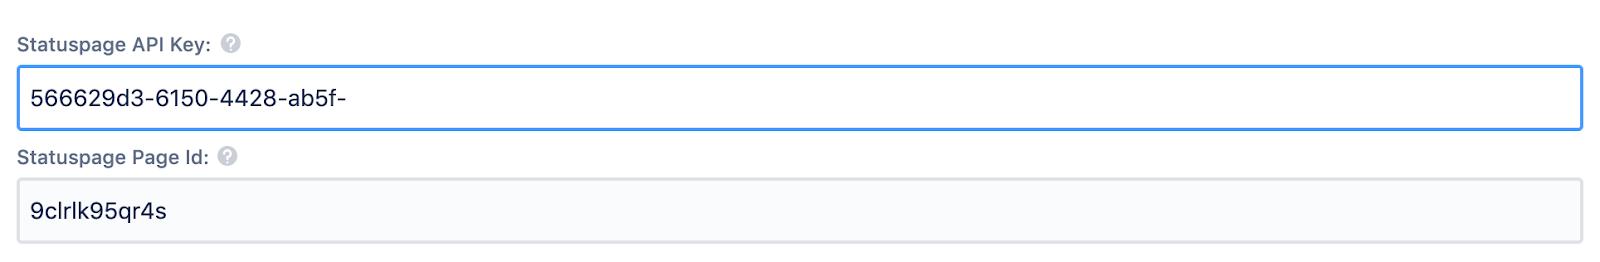 Ключ и идентификатор API в Statuspage